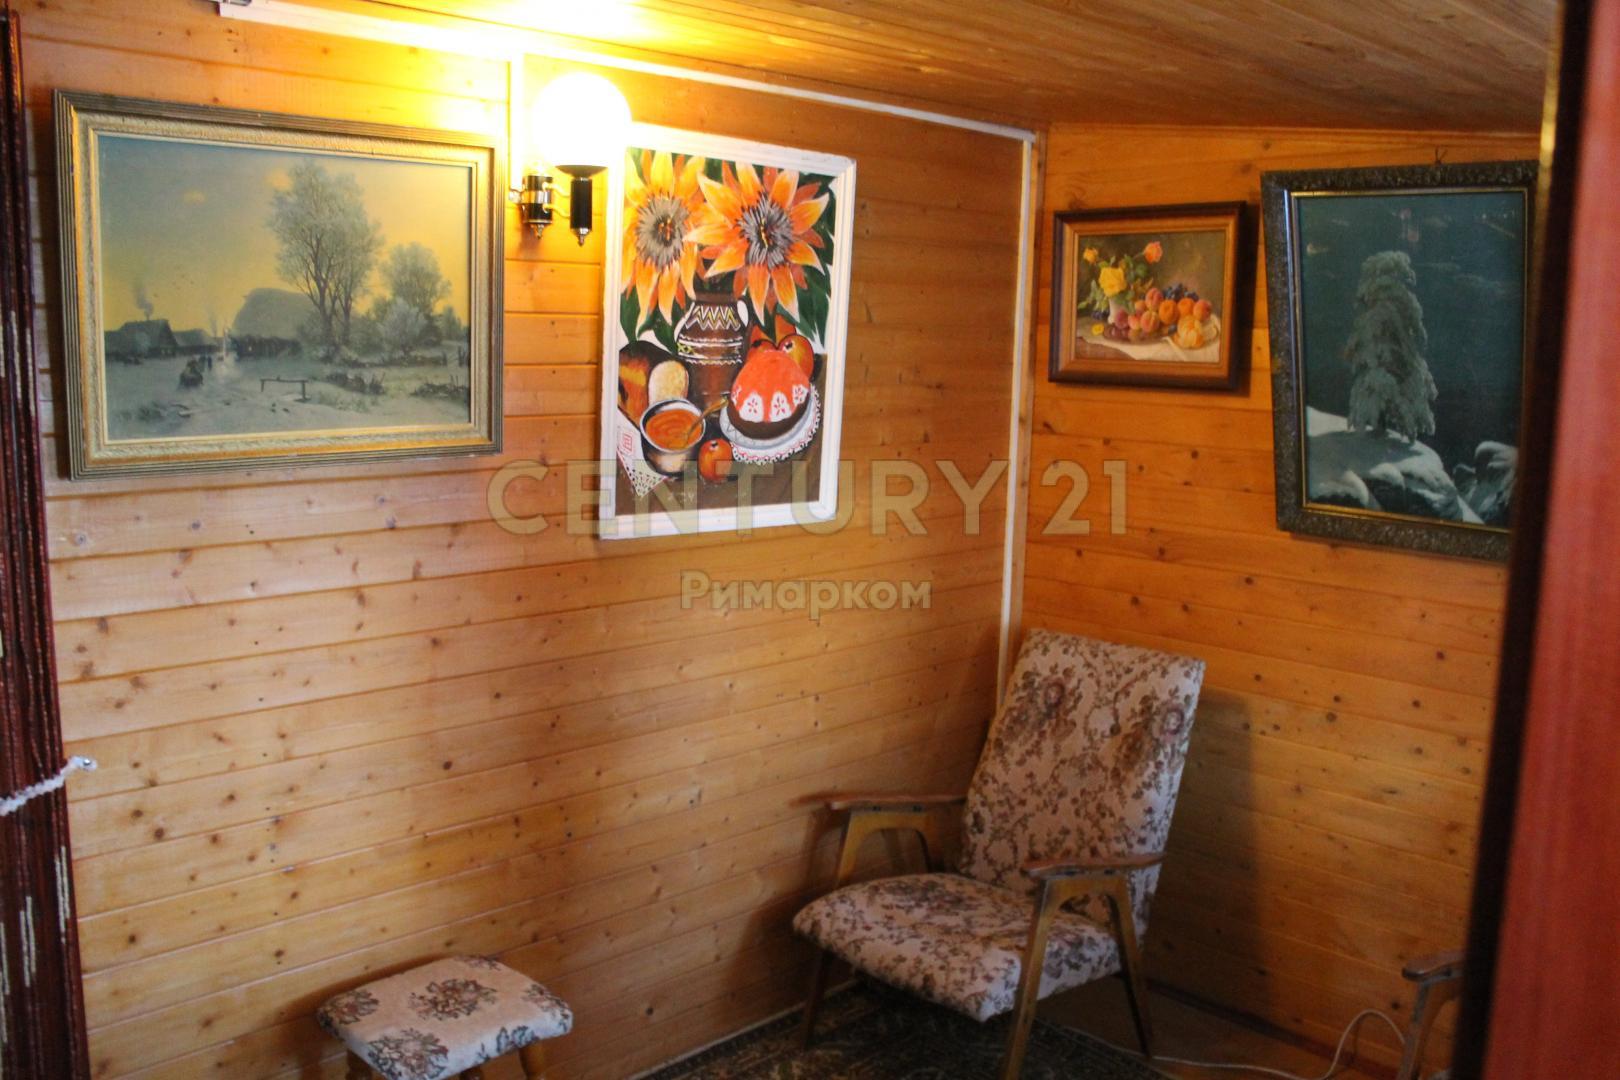 Продам дача по адресу Россия, Москва и Московская область, городской округ Чехов, Дубрава фото 4 по выгодной цене